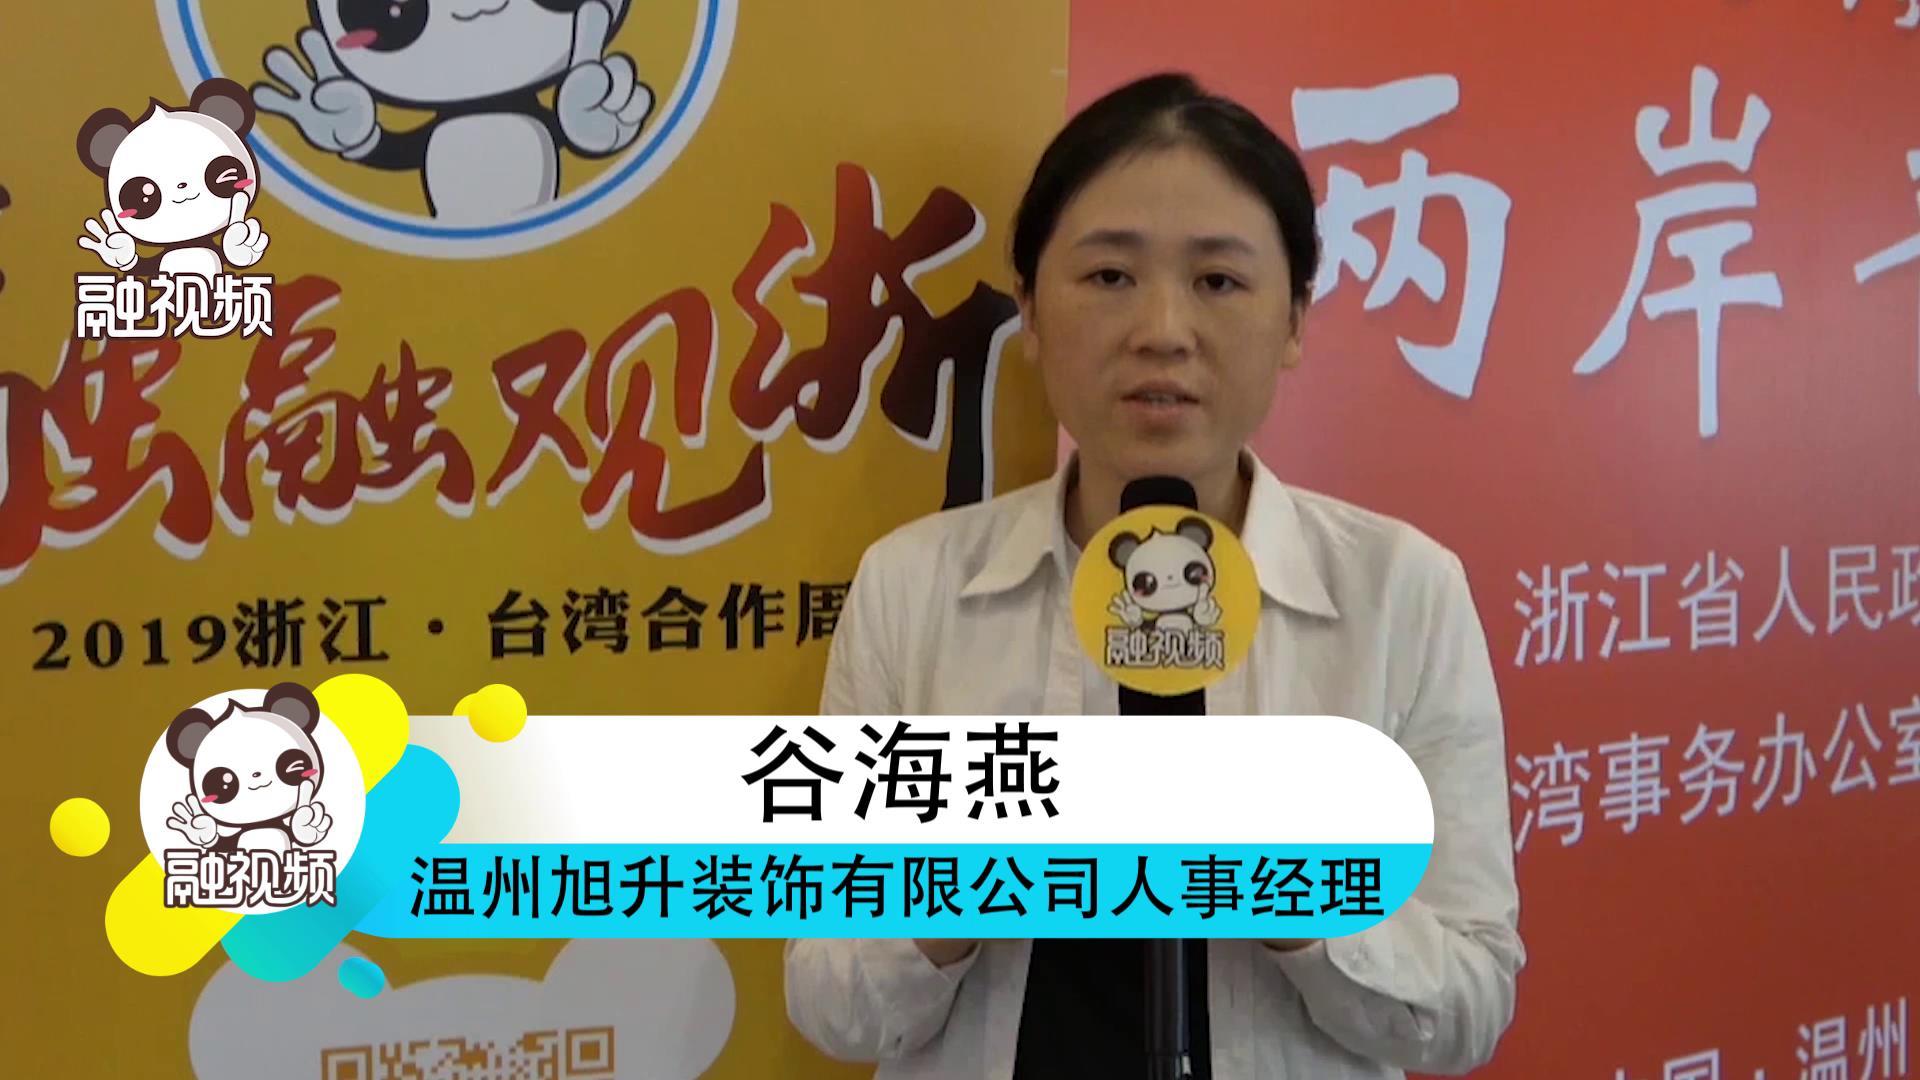 专访温州旭升装饰有限公司人事经理谷海燕图片